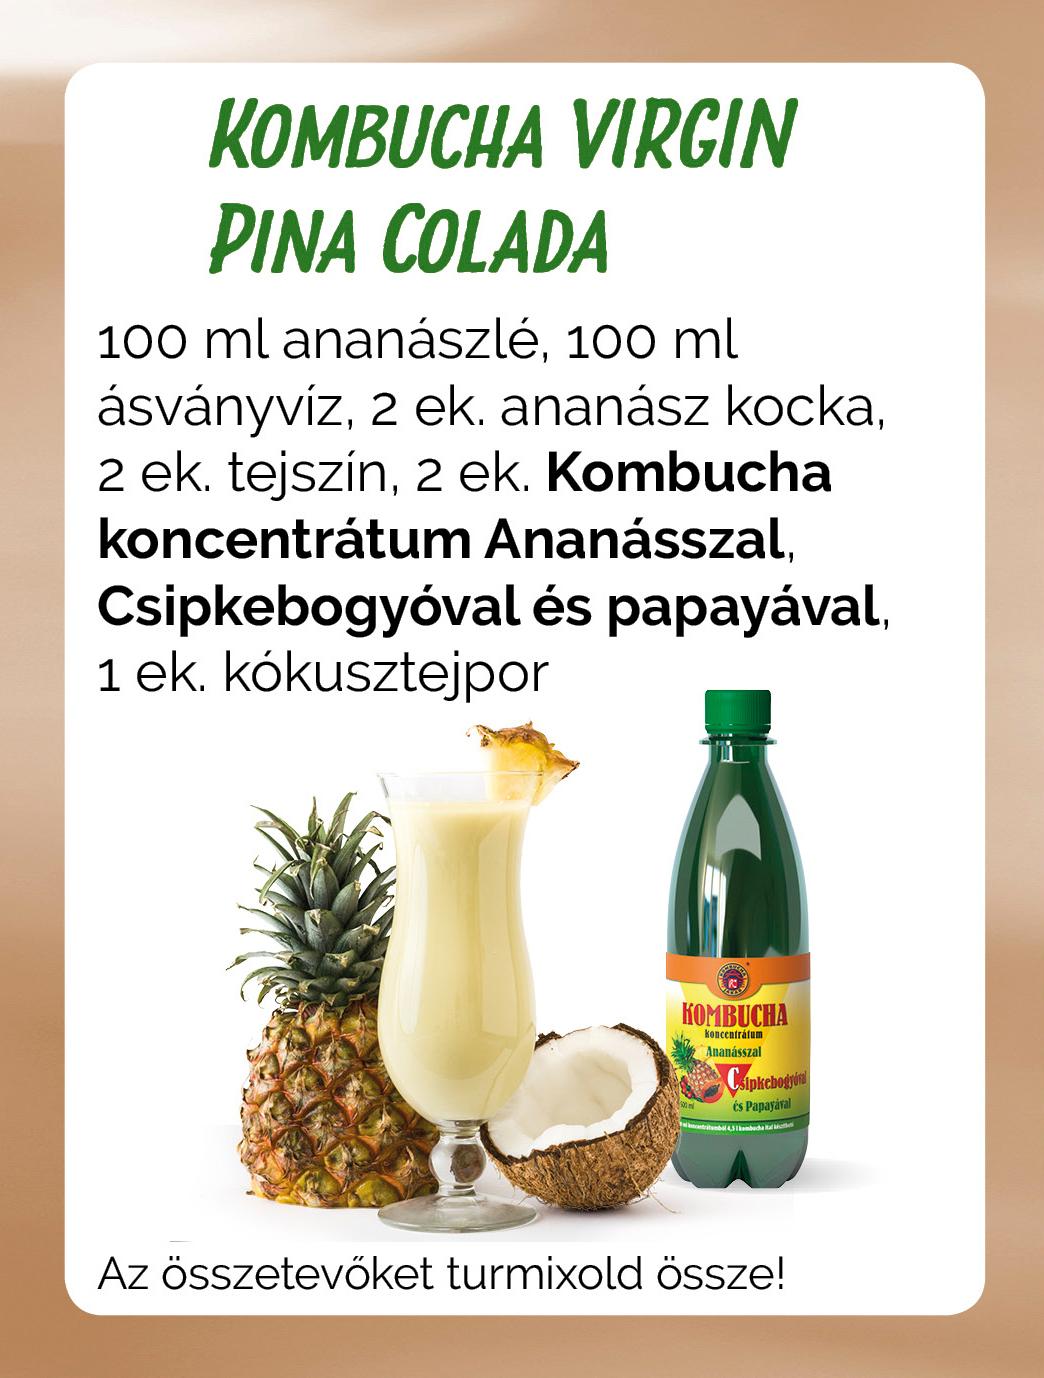 Kombucha Vigrin Pina Colada